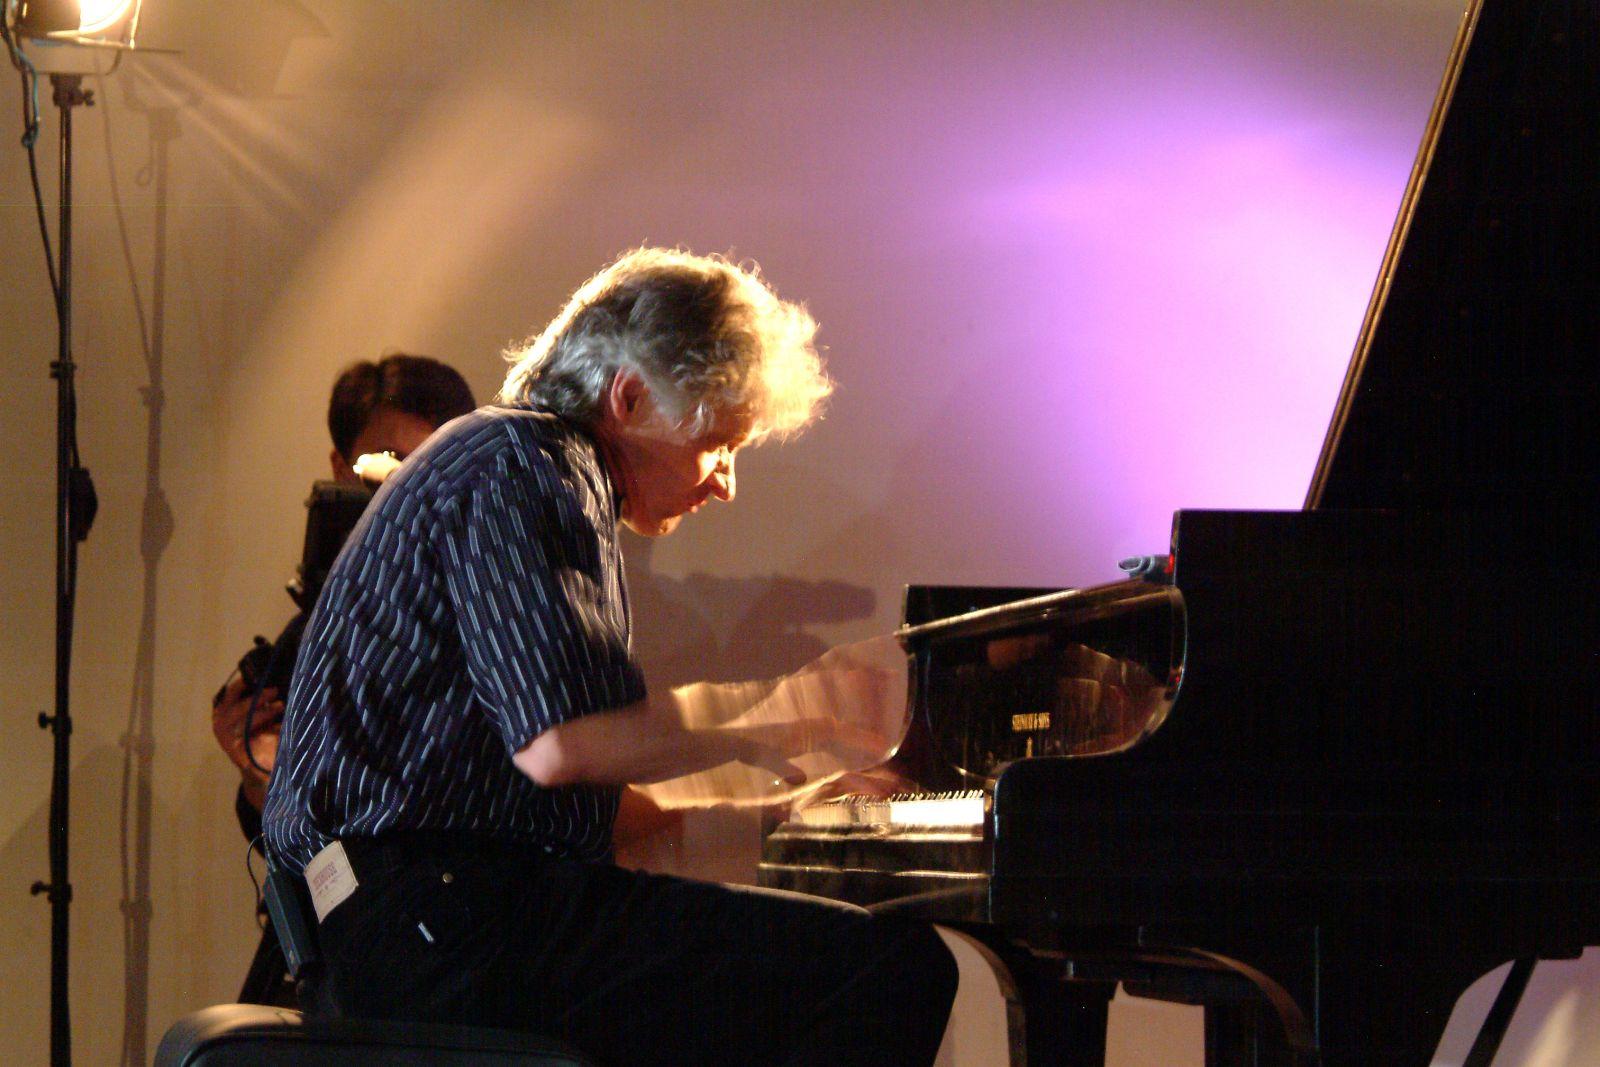 Jazz-zongoristák részére hirdetett versennyel emlékezünk Pleszkán Frigyesre